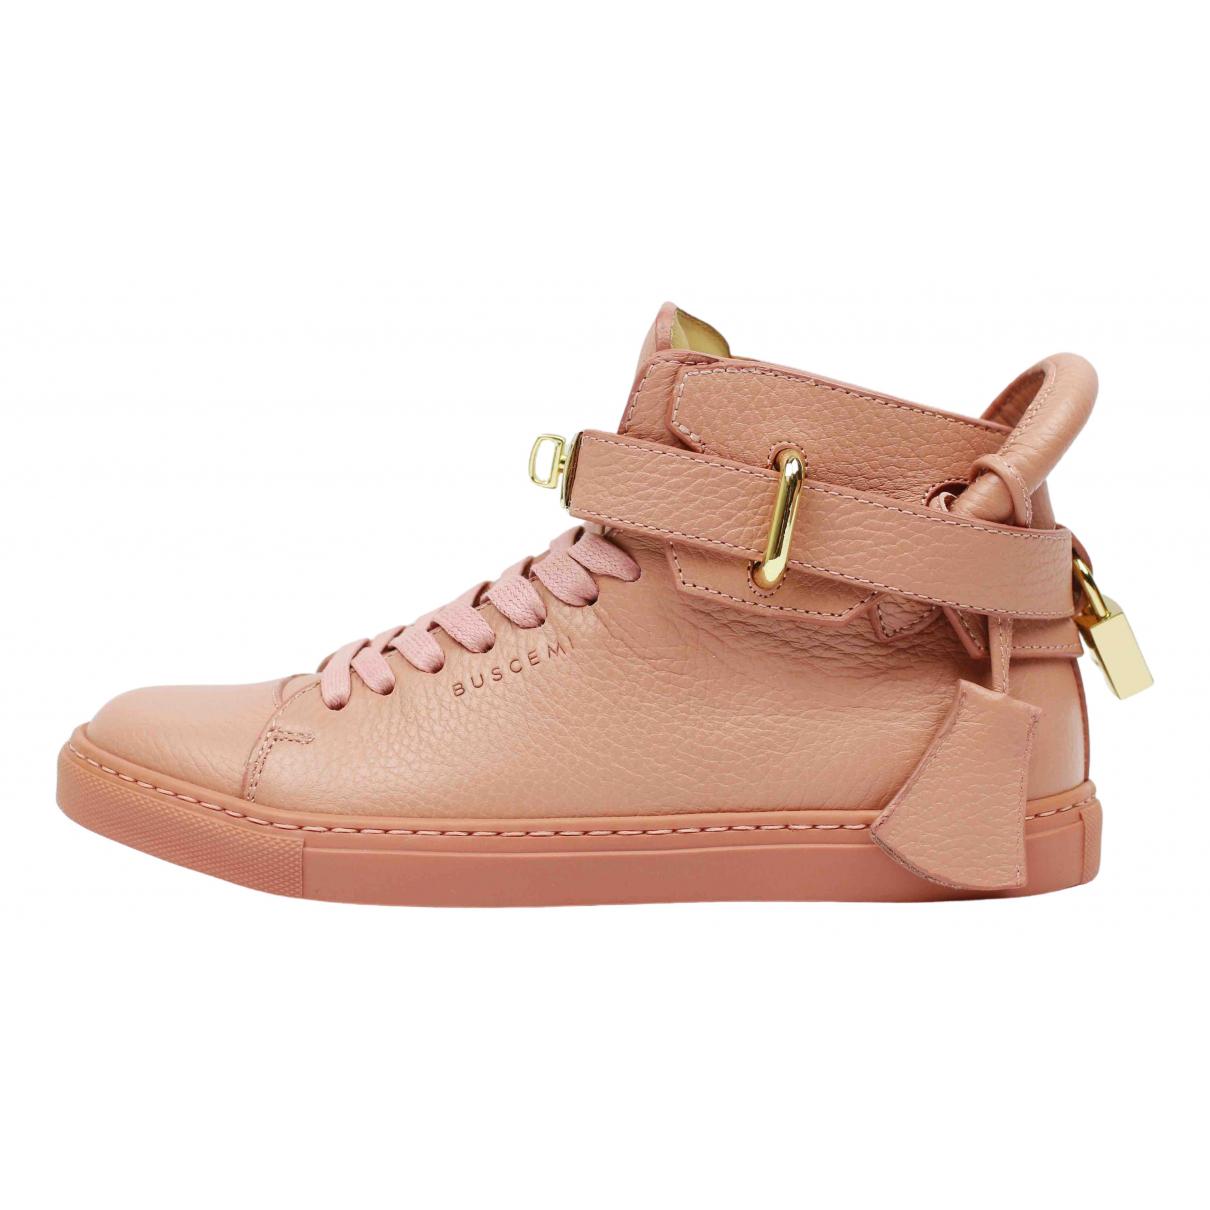 Buscemi \N Sneakers in  Rosa Leder